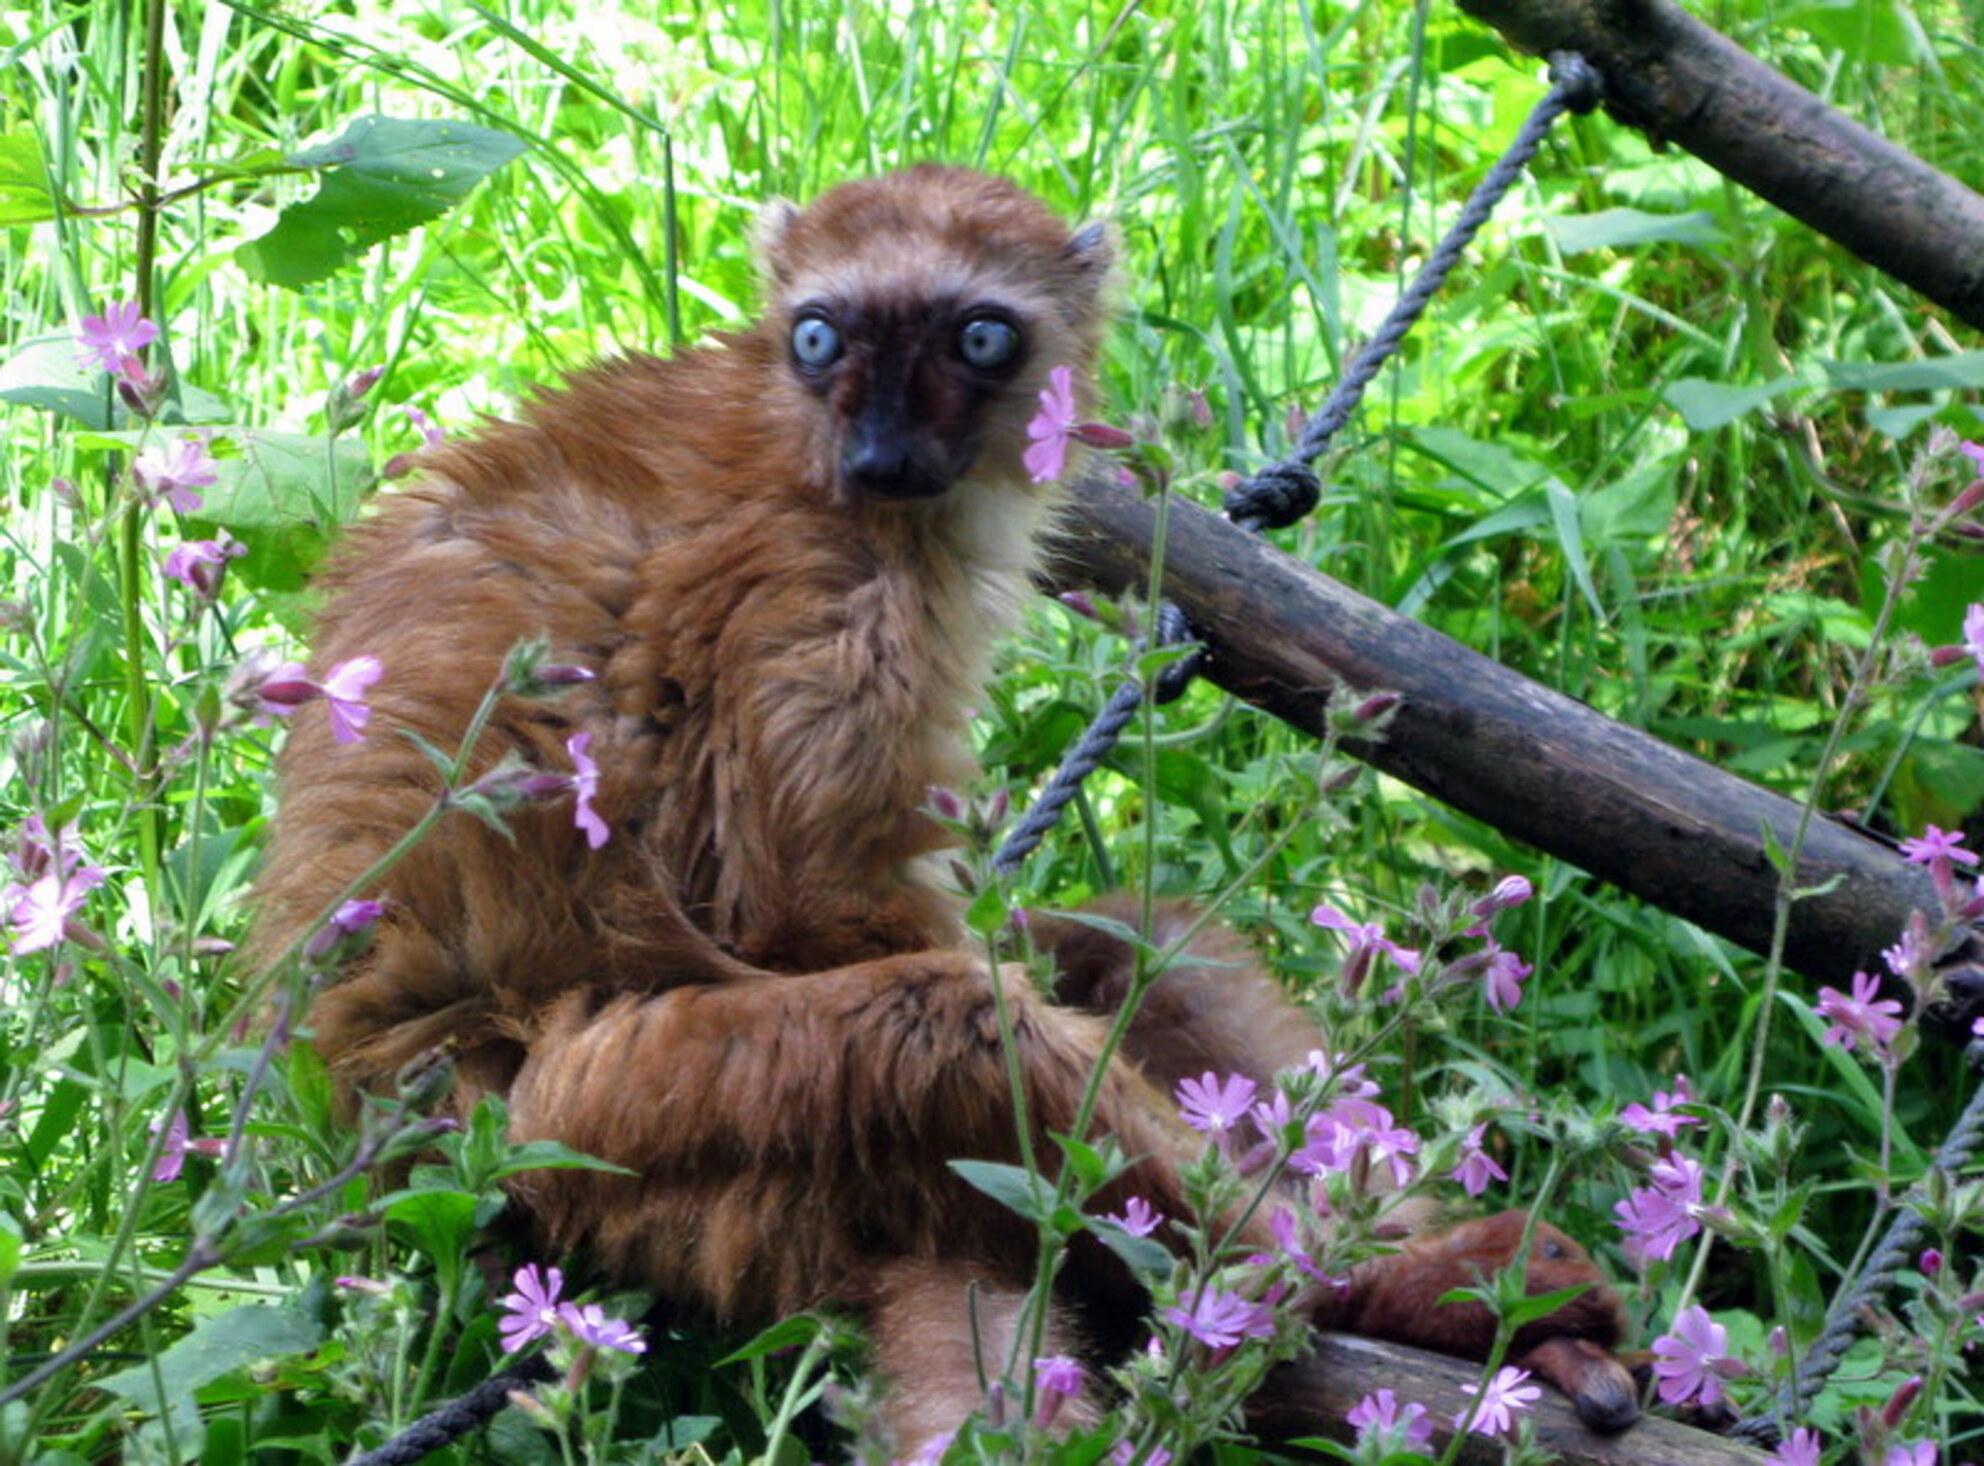 Rode Vari - Leefgebied Madagascar Bedreigde dierensoort - foto door sabine61 op 29-06-2014 - deze foto bevat: dierentuin, aap - Deze foto mag gebruikt worden in een Zoom.nl publicatie